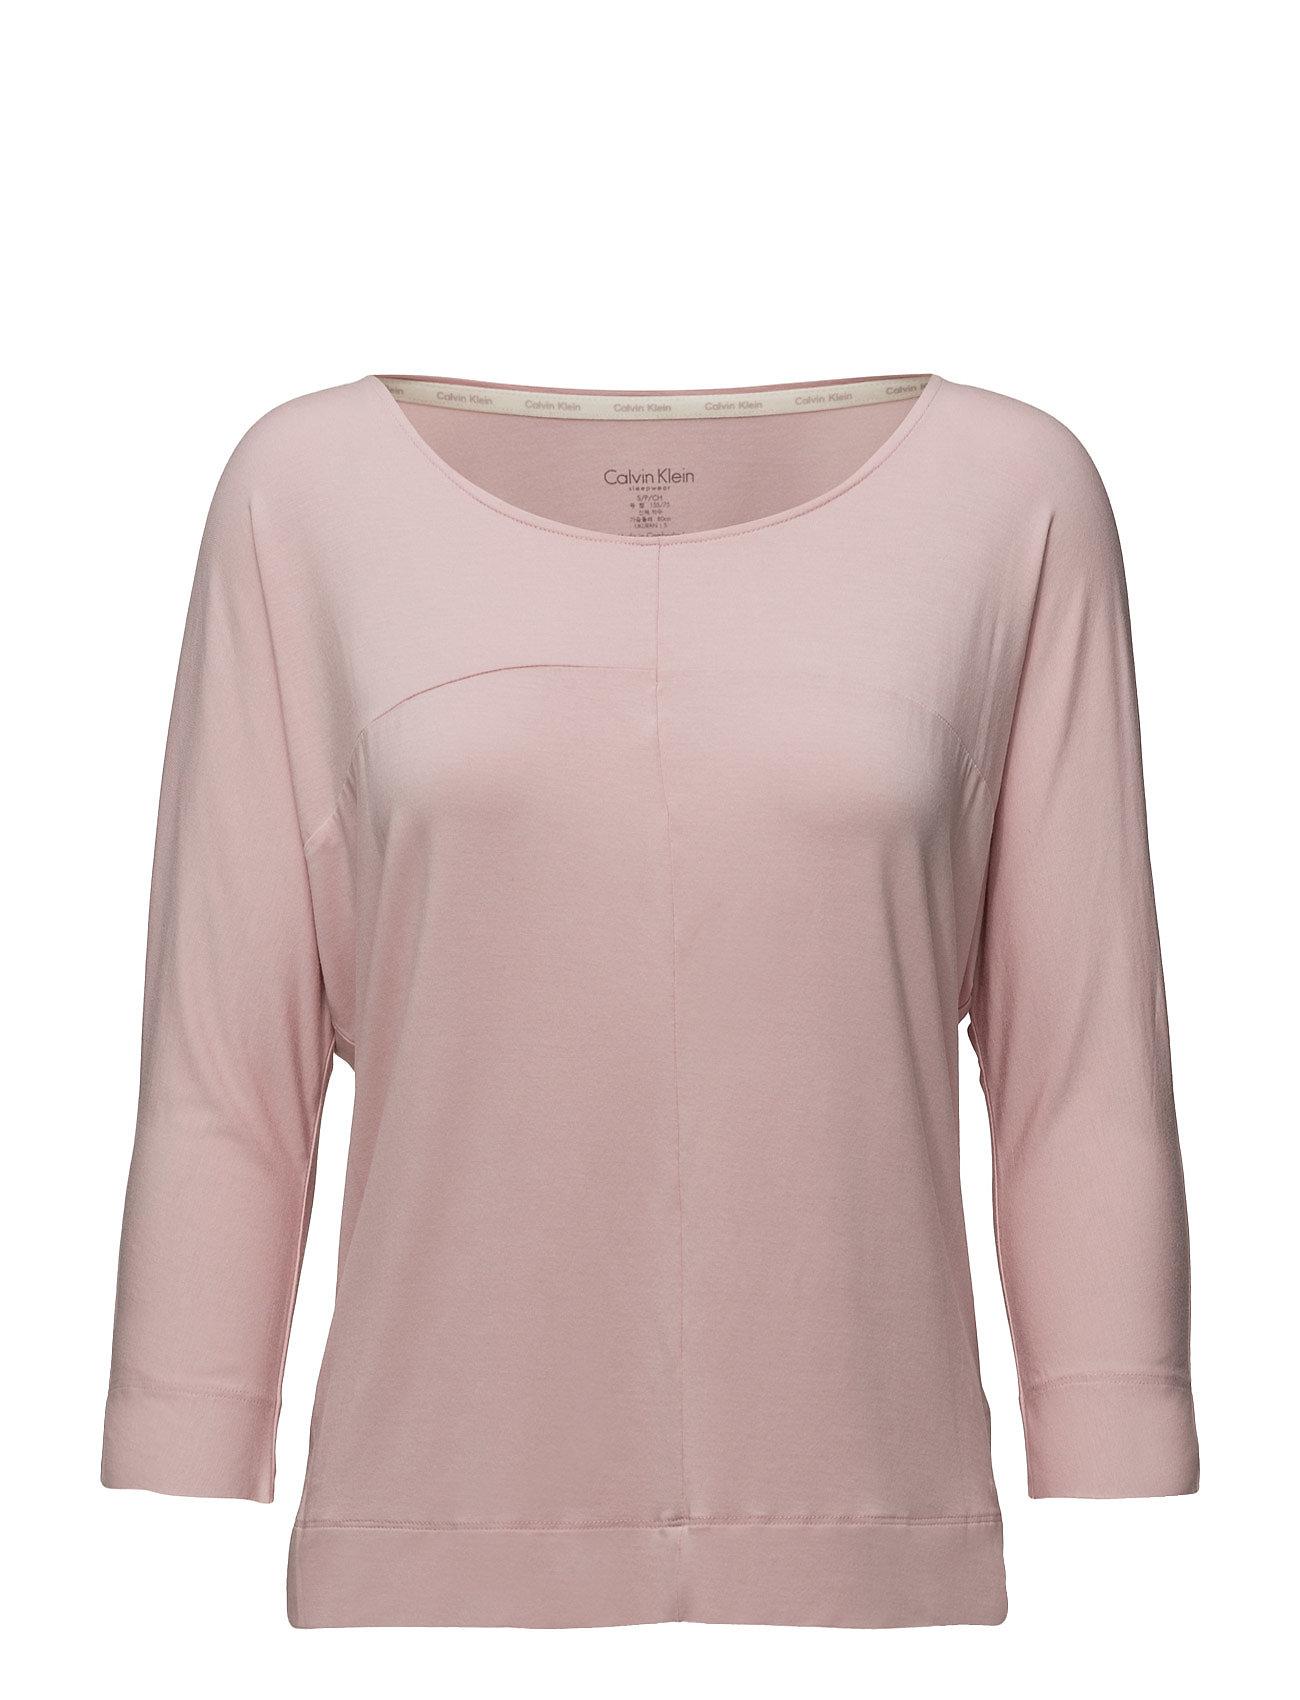 0f4d3168a36 calvin klein Lace bra light pink - Køb blonde bh fra calvin klein på ...